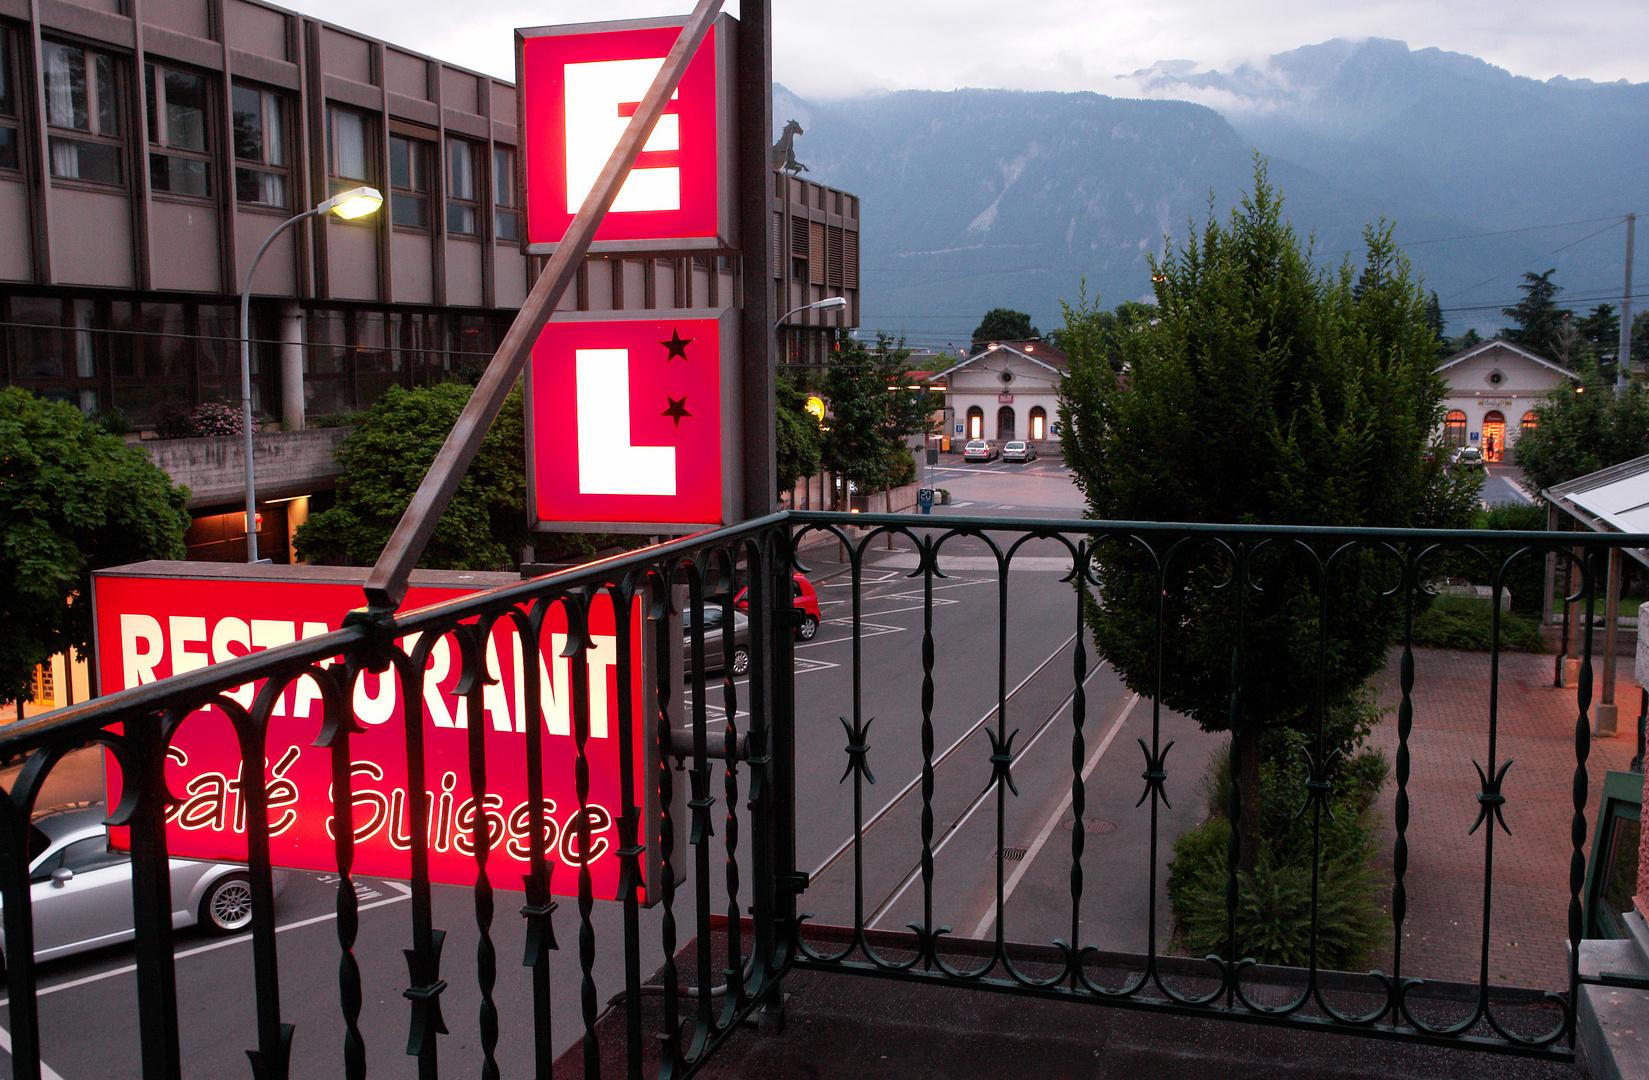 ein Hotel mit eigener Bahnlinie